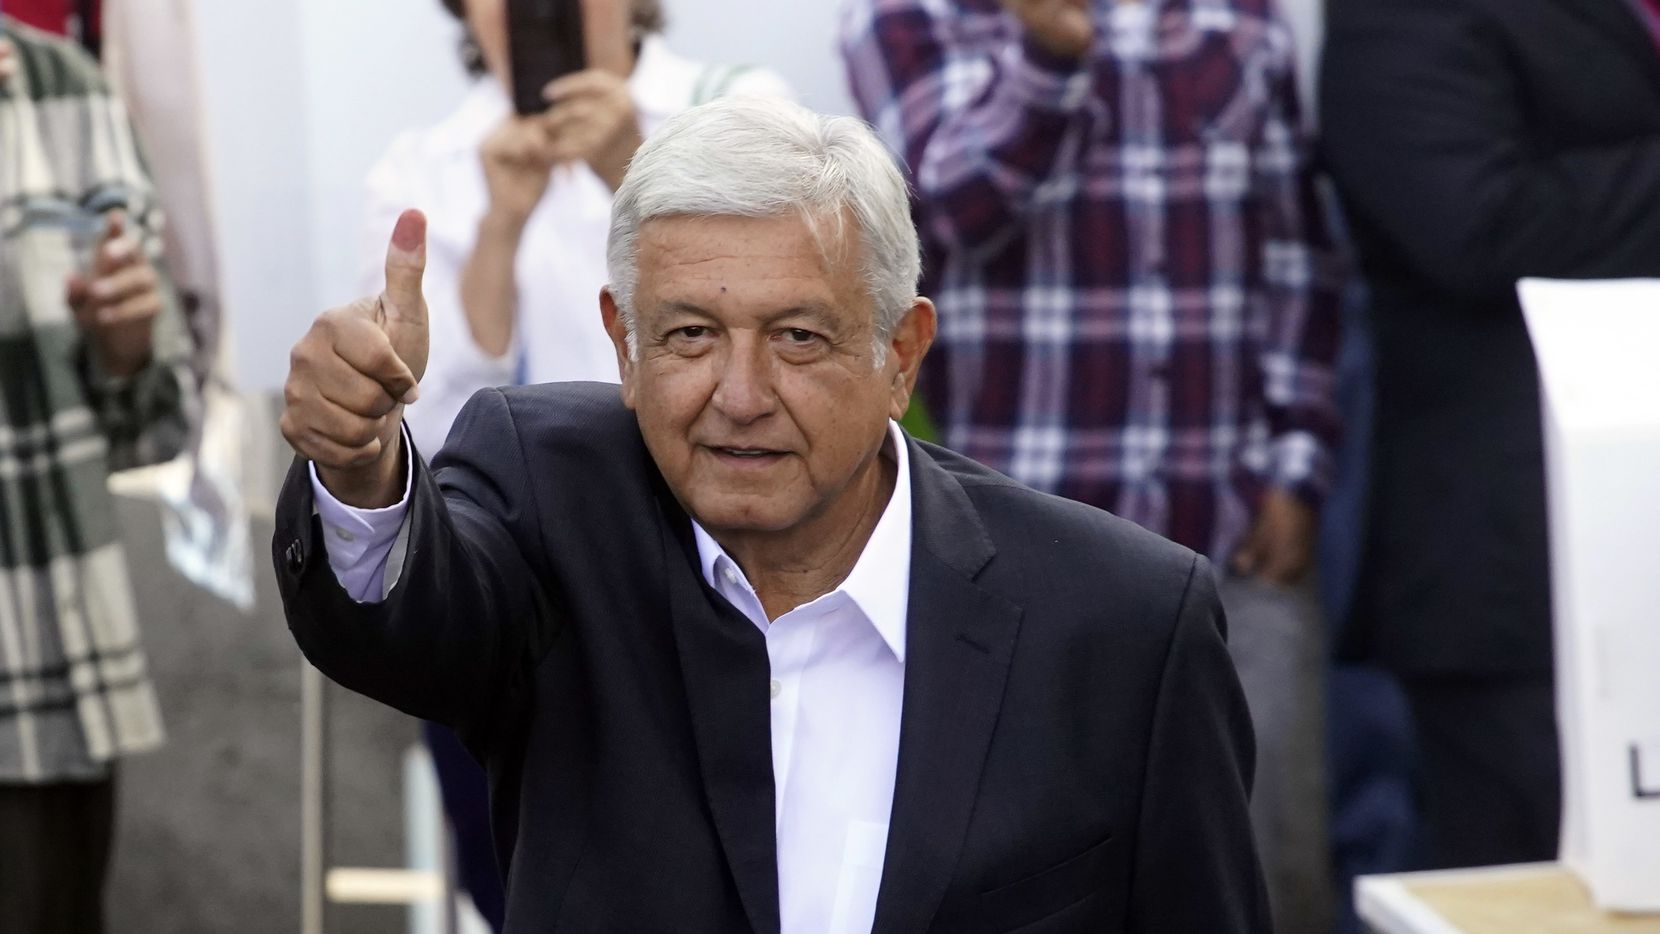 El ahora presidente de México, Andrés Manuel Lopez Obrador, a su salida de la casilla de votación./AP